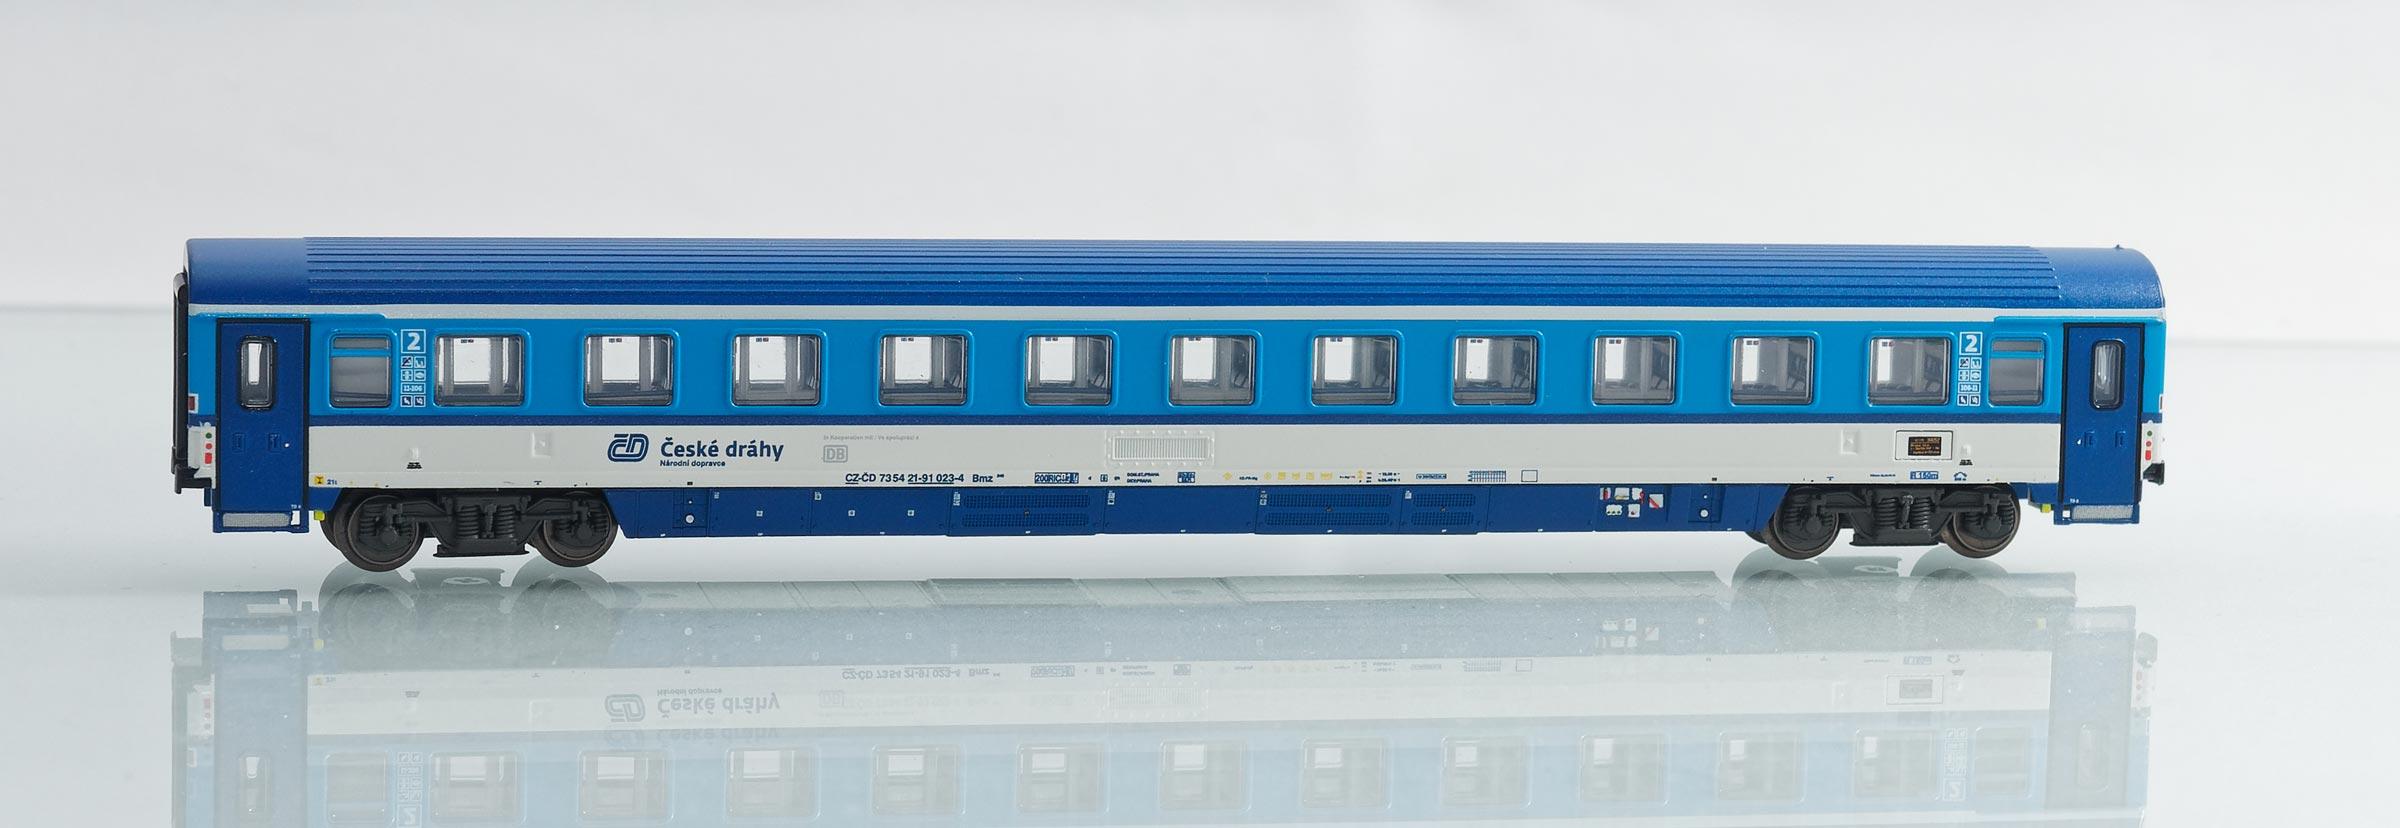 195429:EuroCity-Abteilwagen 2. Klasse, Bauart Bmz 245 der Tschechischen Eisenbahnen ČD